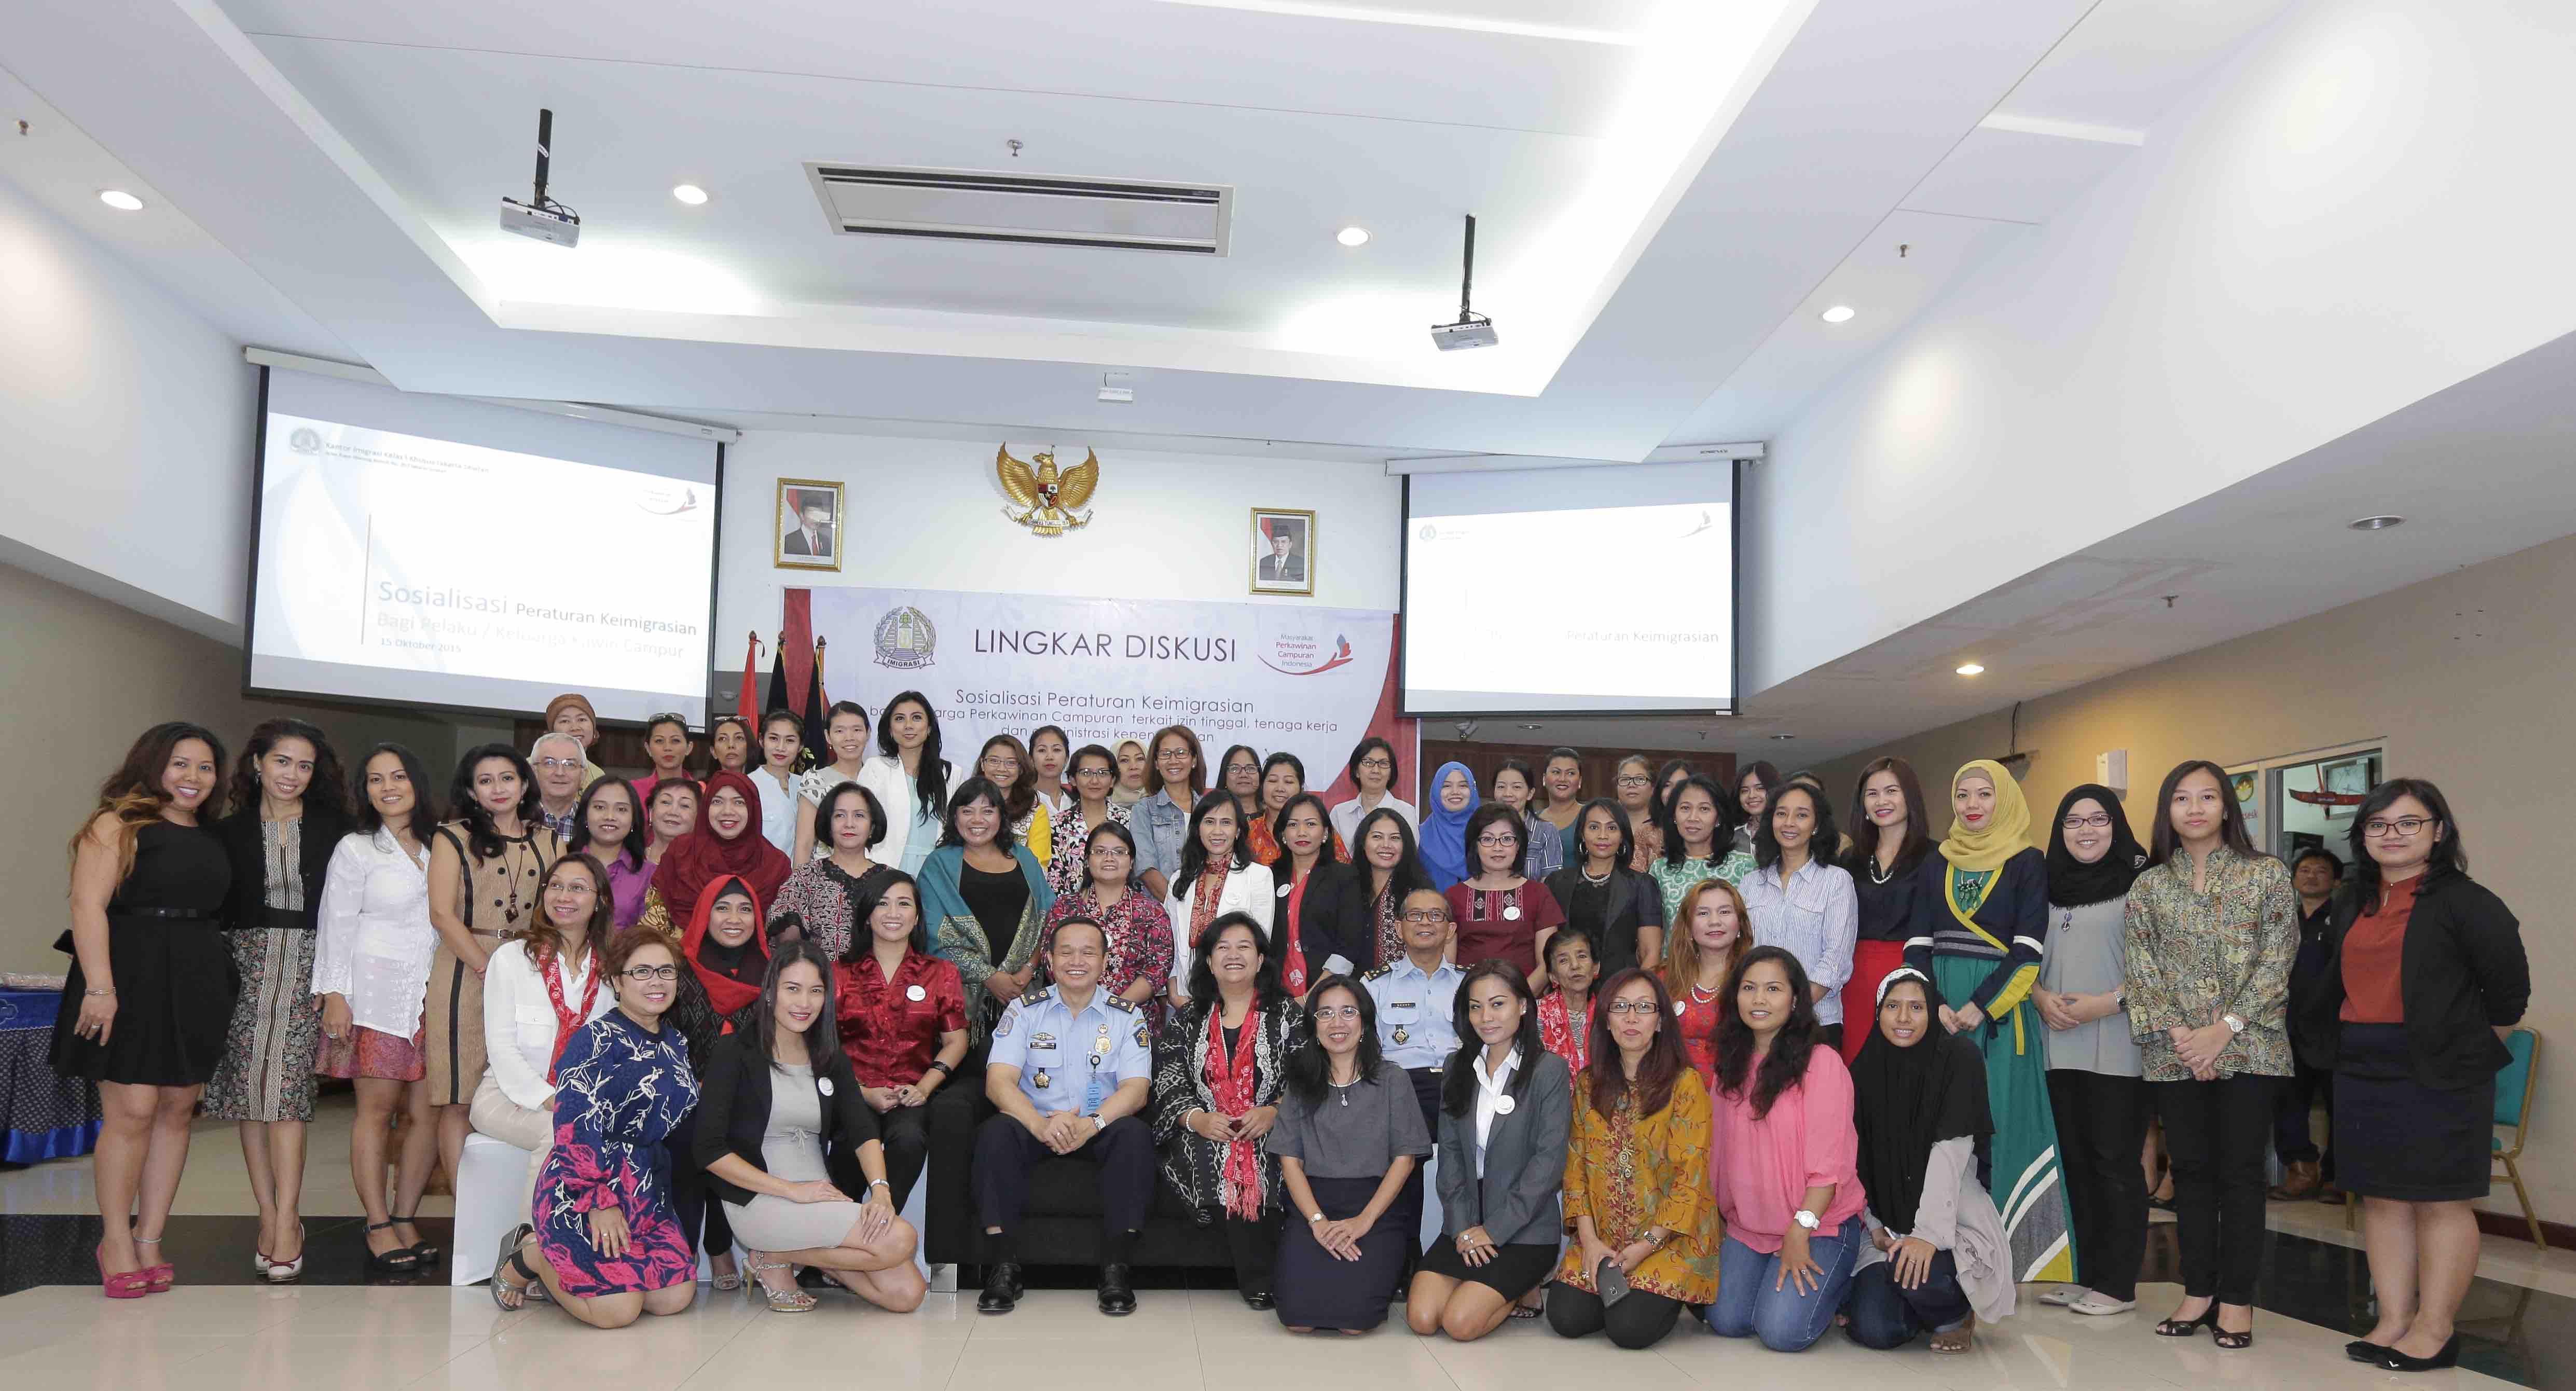 Lingkar Diskusi Peraturan Keimigrasian, 15 Oktober 2015